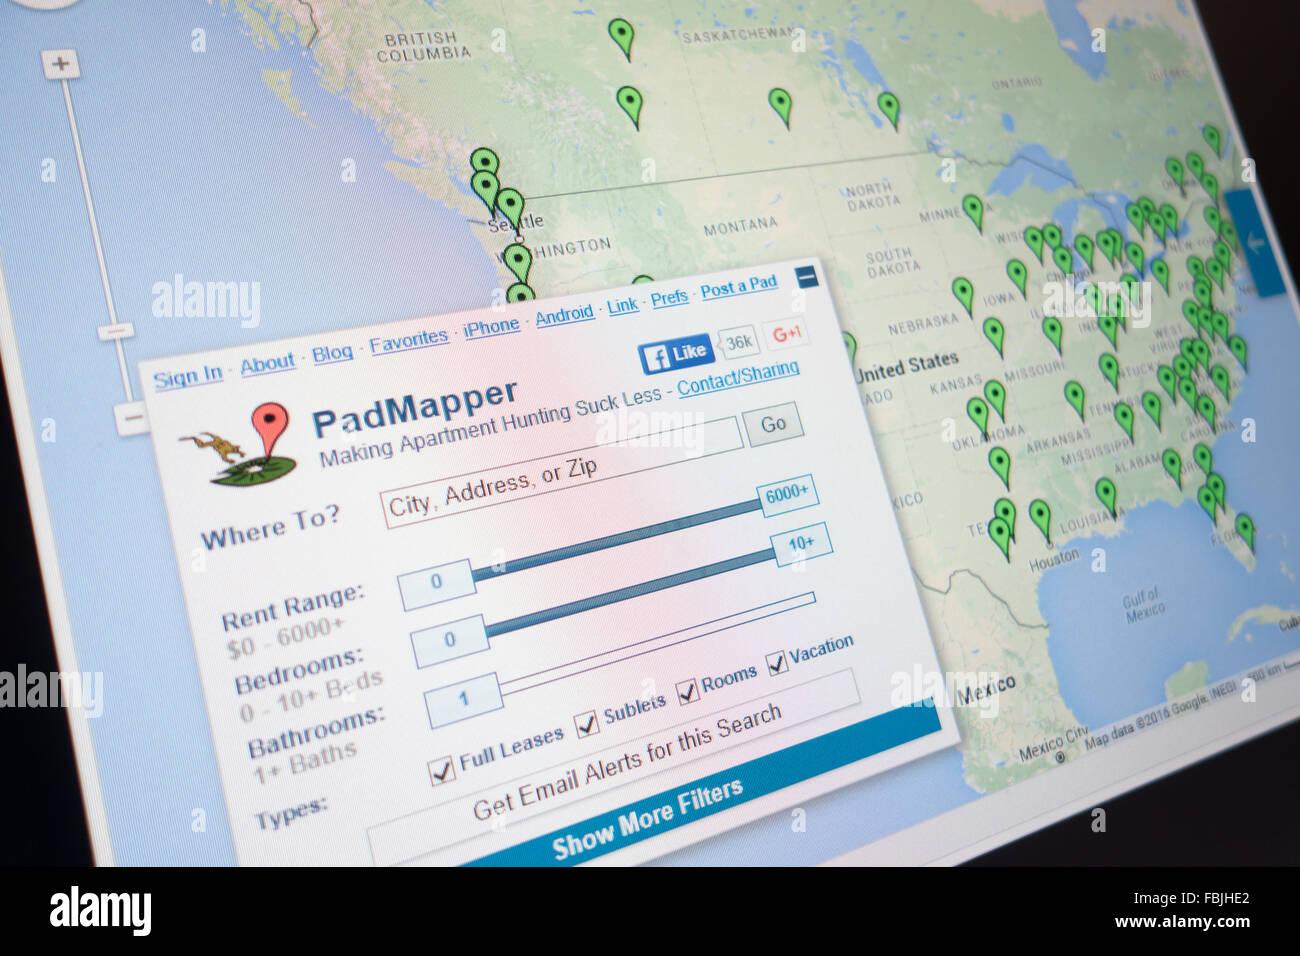 Recherche de location en ligne padmapper Photo Stock